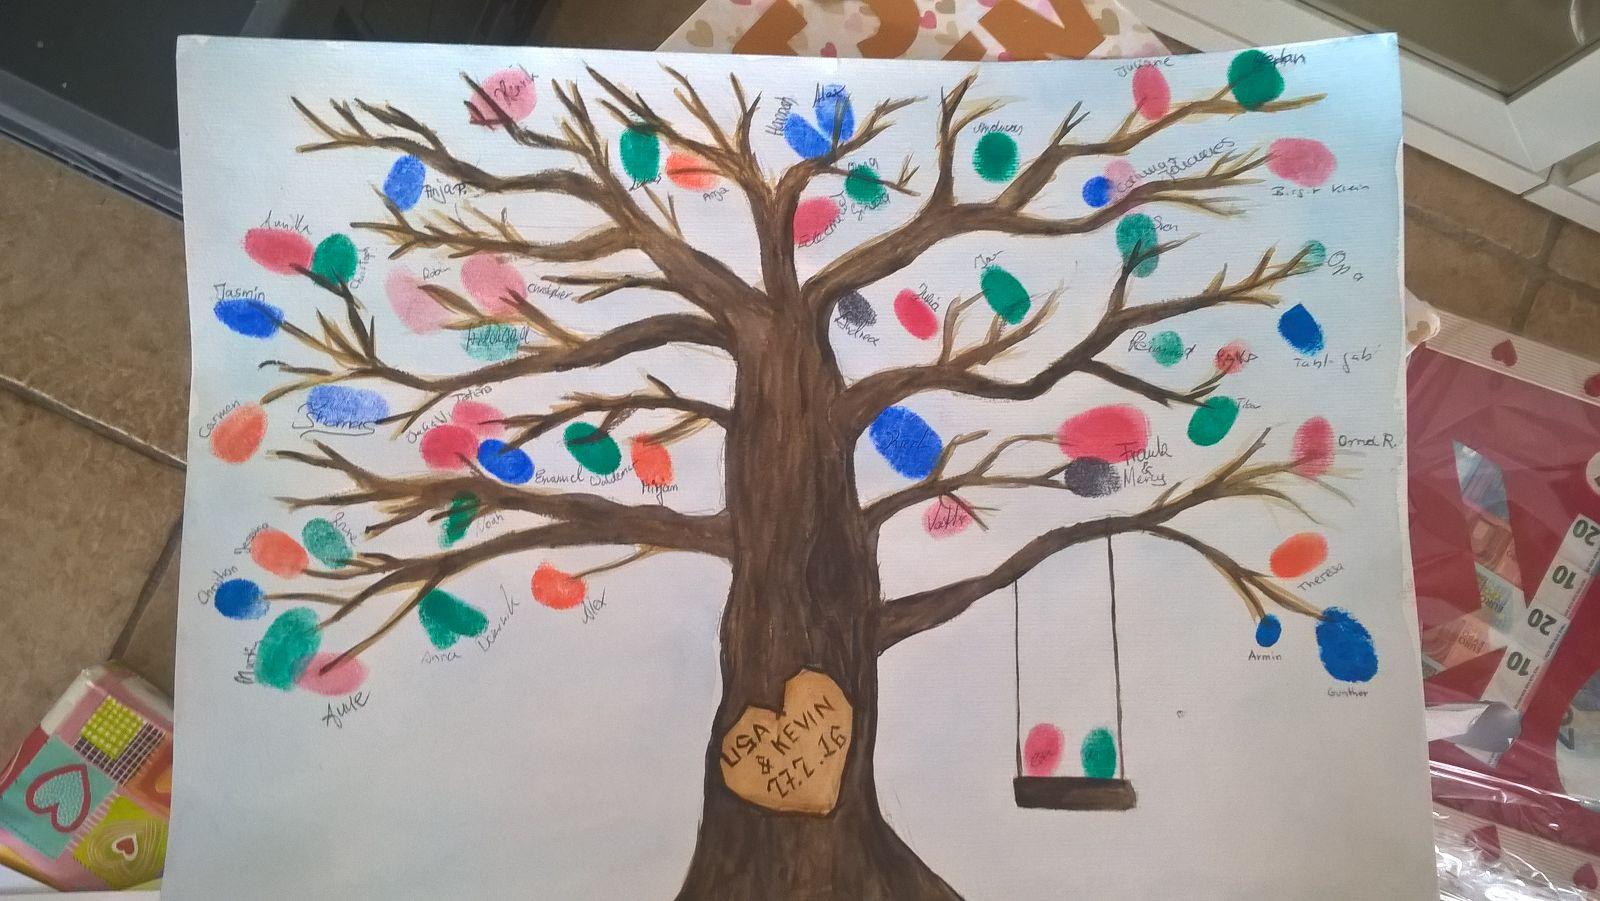 Cucito Da Theresa Zeichnen Malen